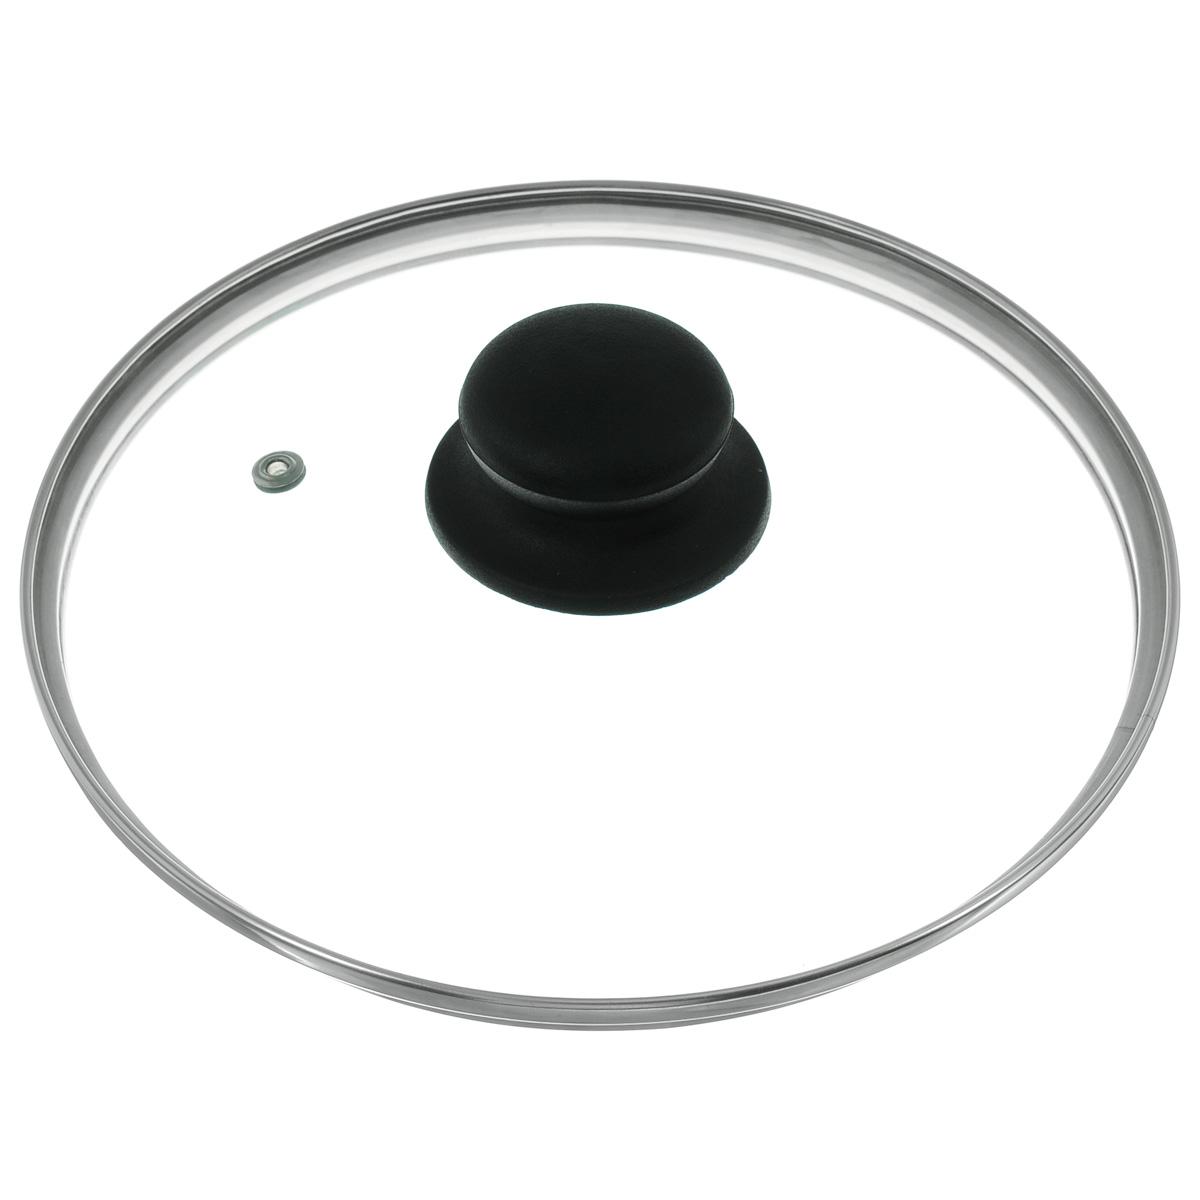 Крышка изготовлена из термостойкого стекла. Обод,  выполненный из высококачественной нержавеющей стали, защищает крышку от  повреждений, а ручка, выполненная из термостойкого пластика, защищает ваши  руки от высоких температур. Изделие оснащено пароотводом. Крышка удобна в  использовании и позволяет контролировать процесс приготовления пищи без потери тепла. Можно мыть в посудомоечной машине.